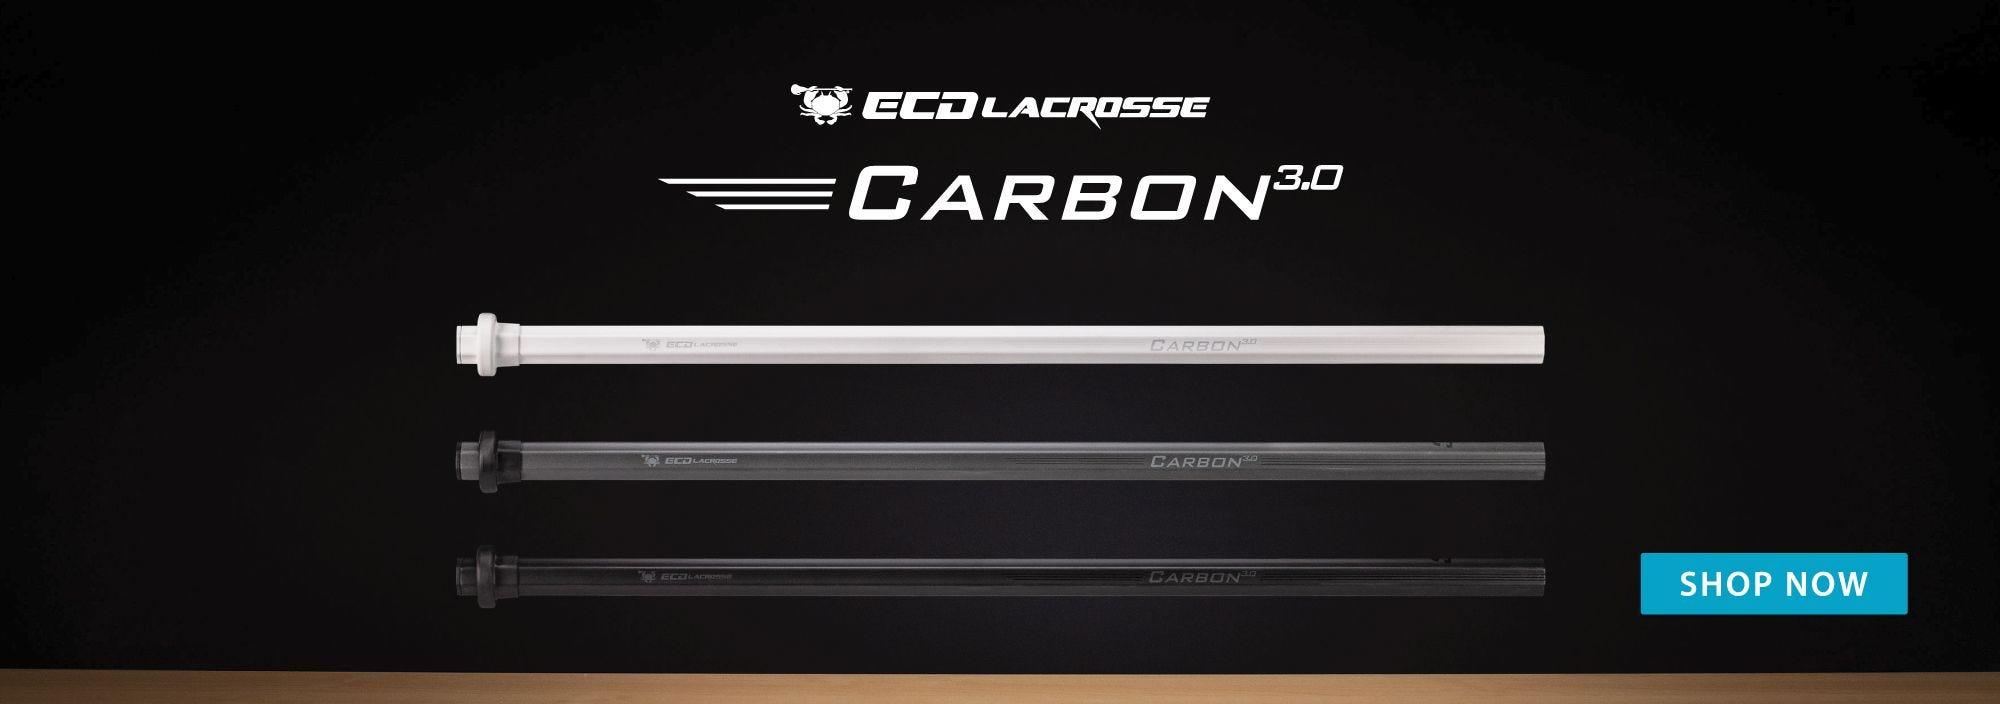 ECD Carbon 3.0 Lacrosse Shafts